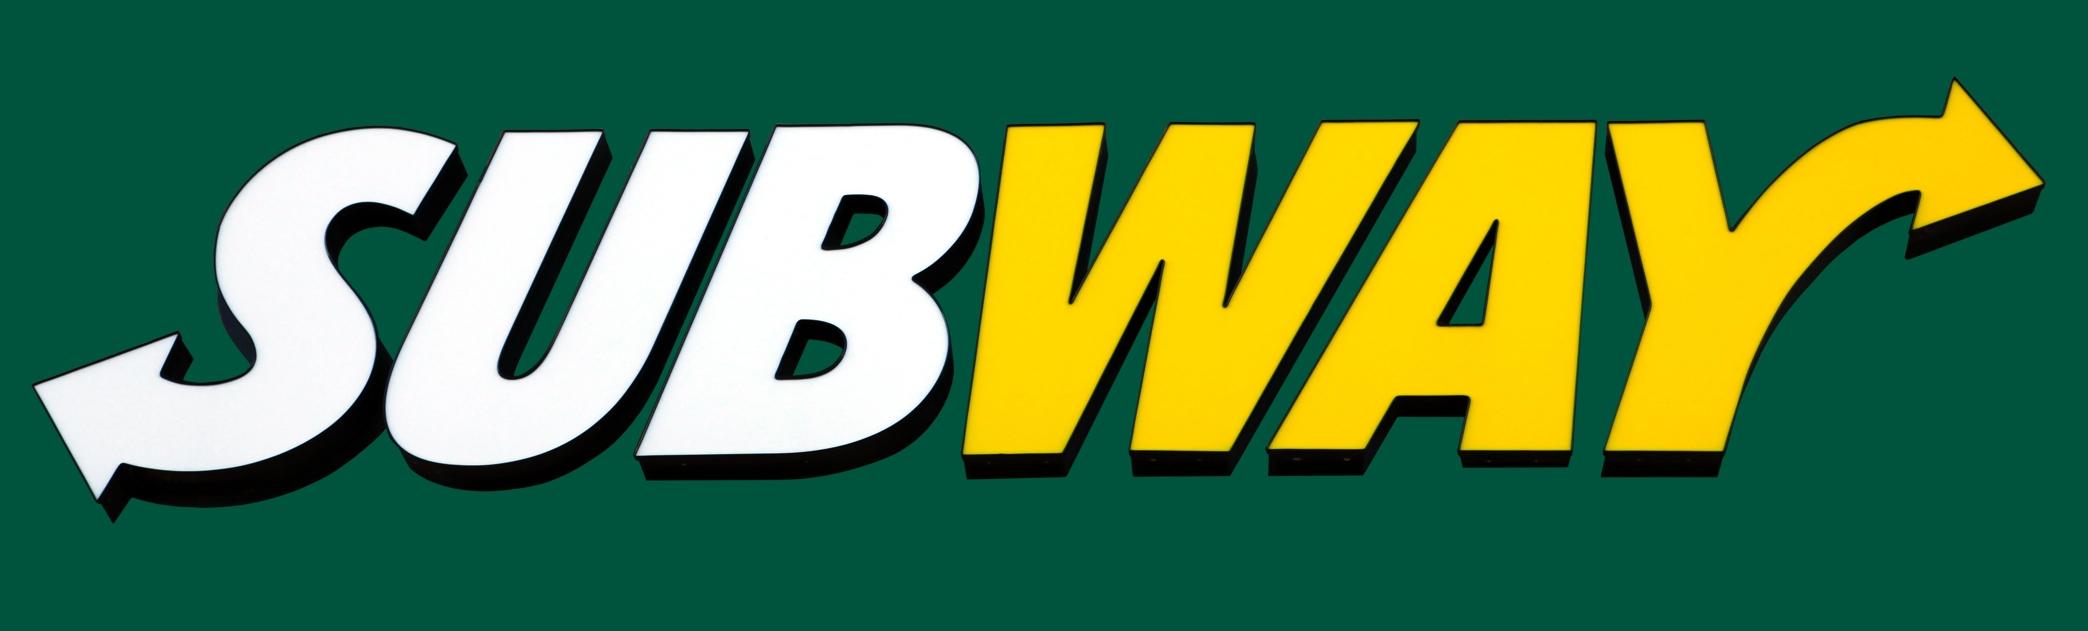 subway new logos